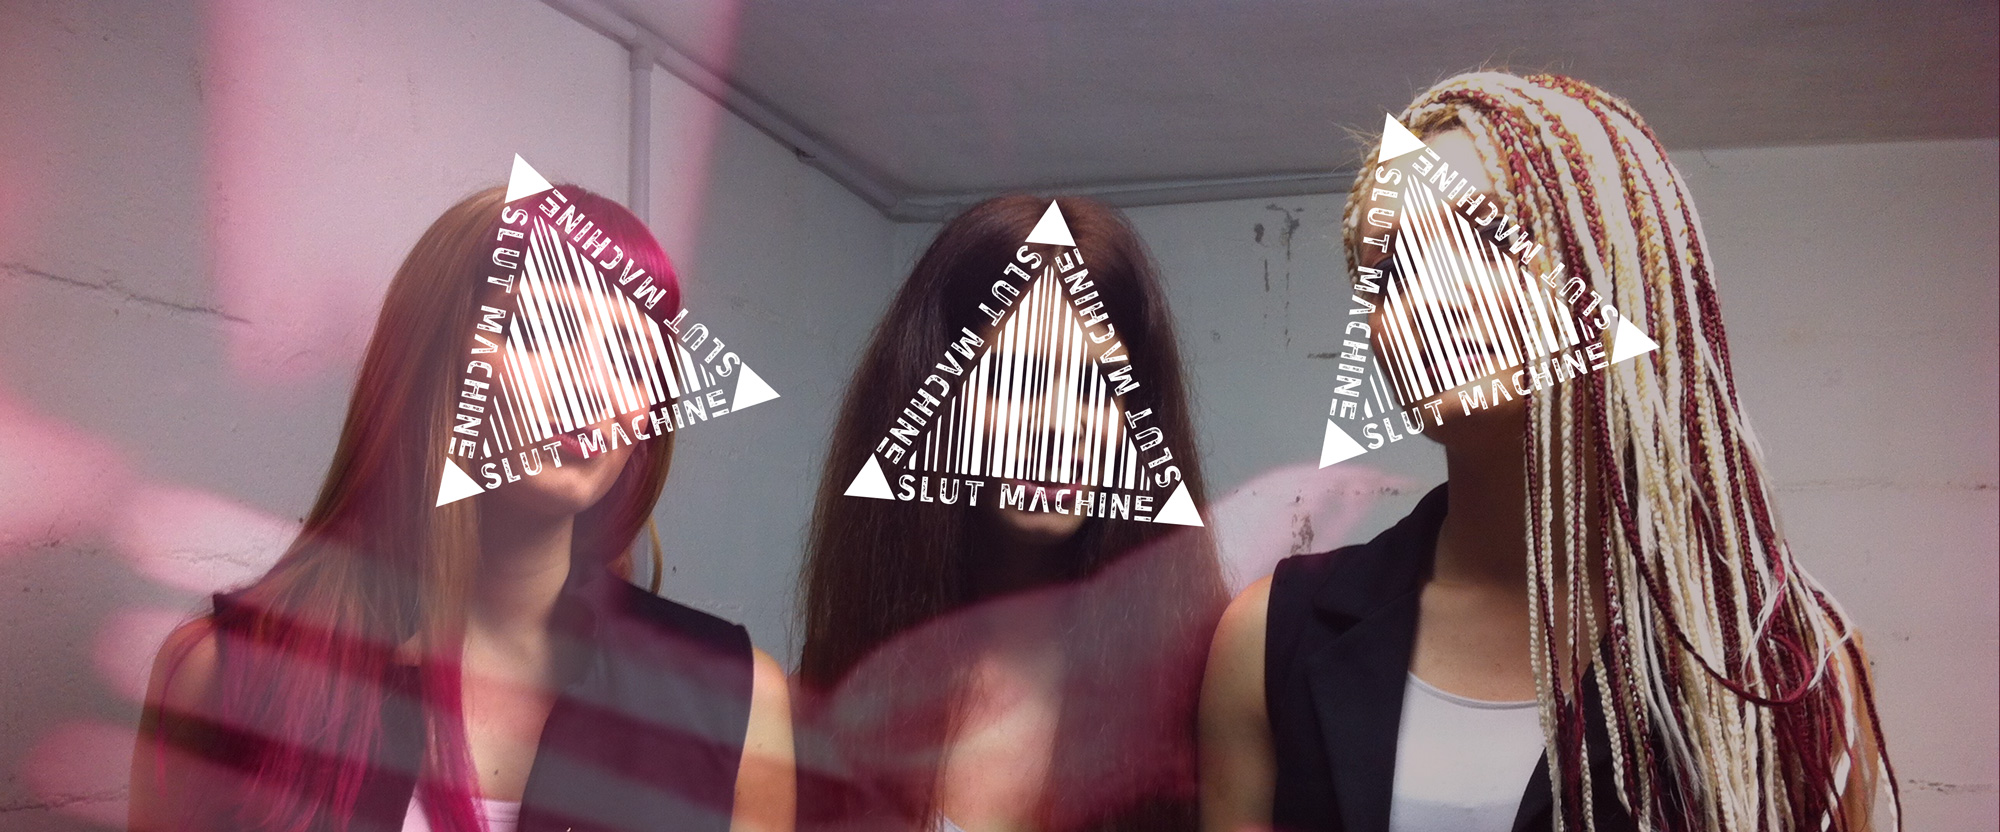 slut machine